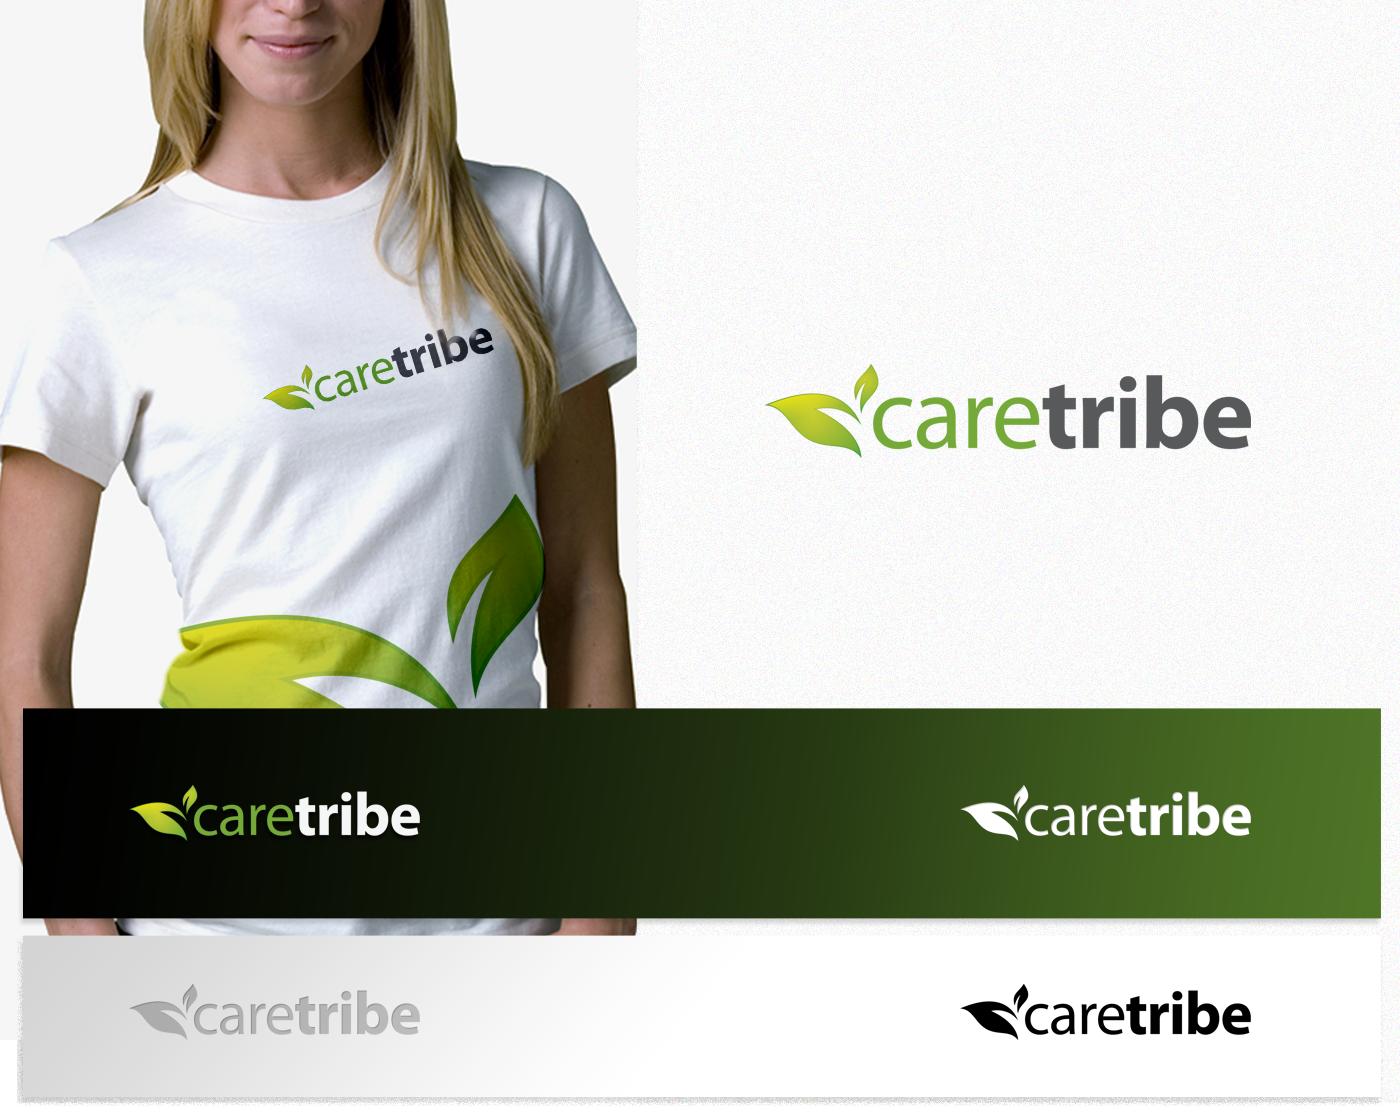 Help caretribe.com with a new logo